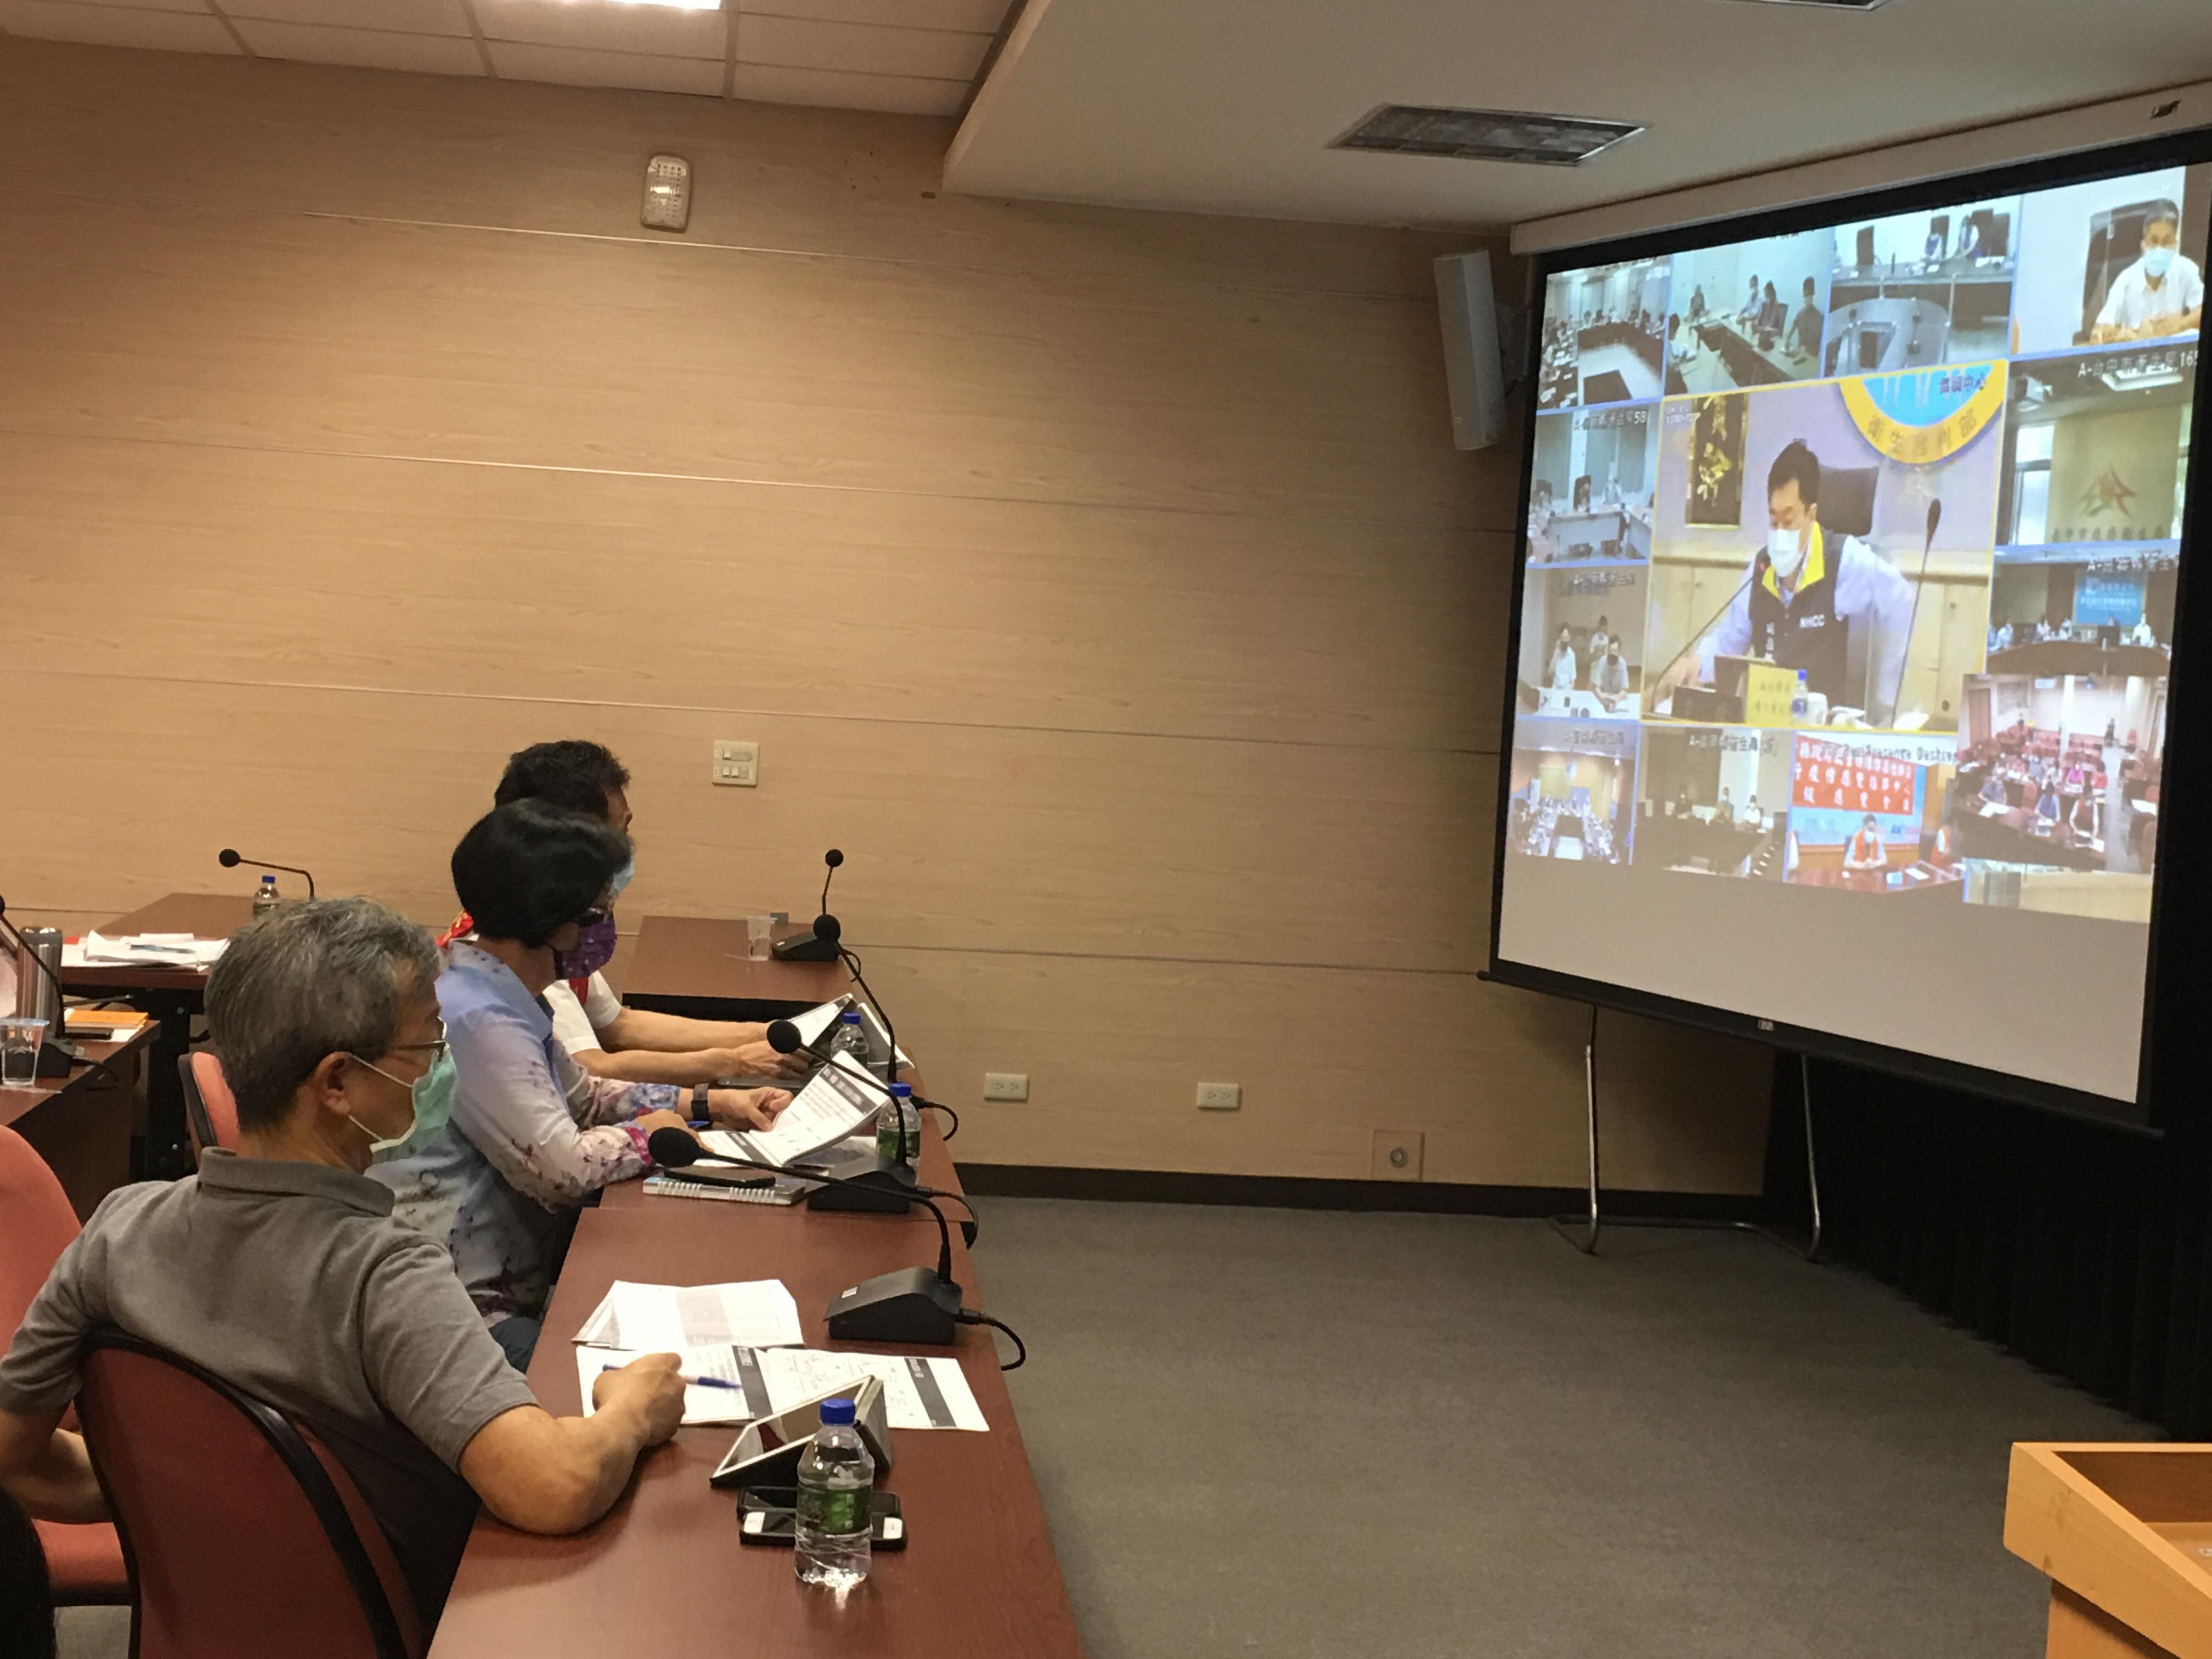 王惠美縣長向中央建議 爭取彰化縣疫苗分配數 開放疫苗合法給企業採購